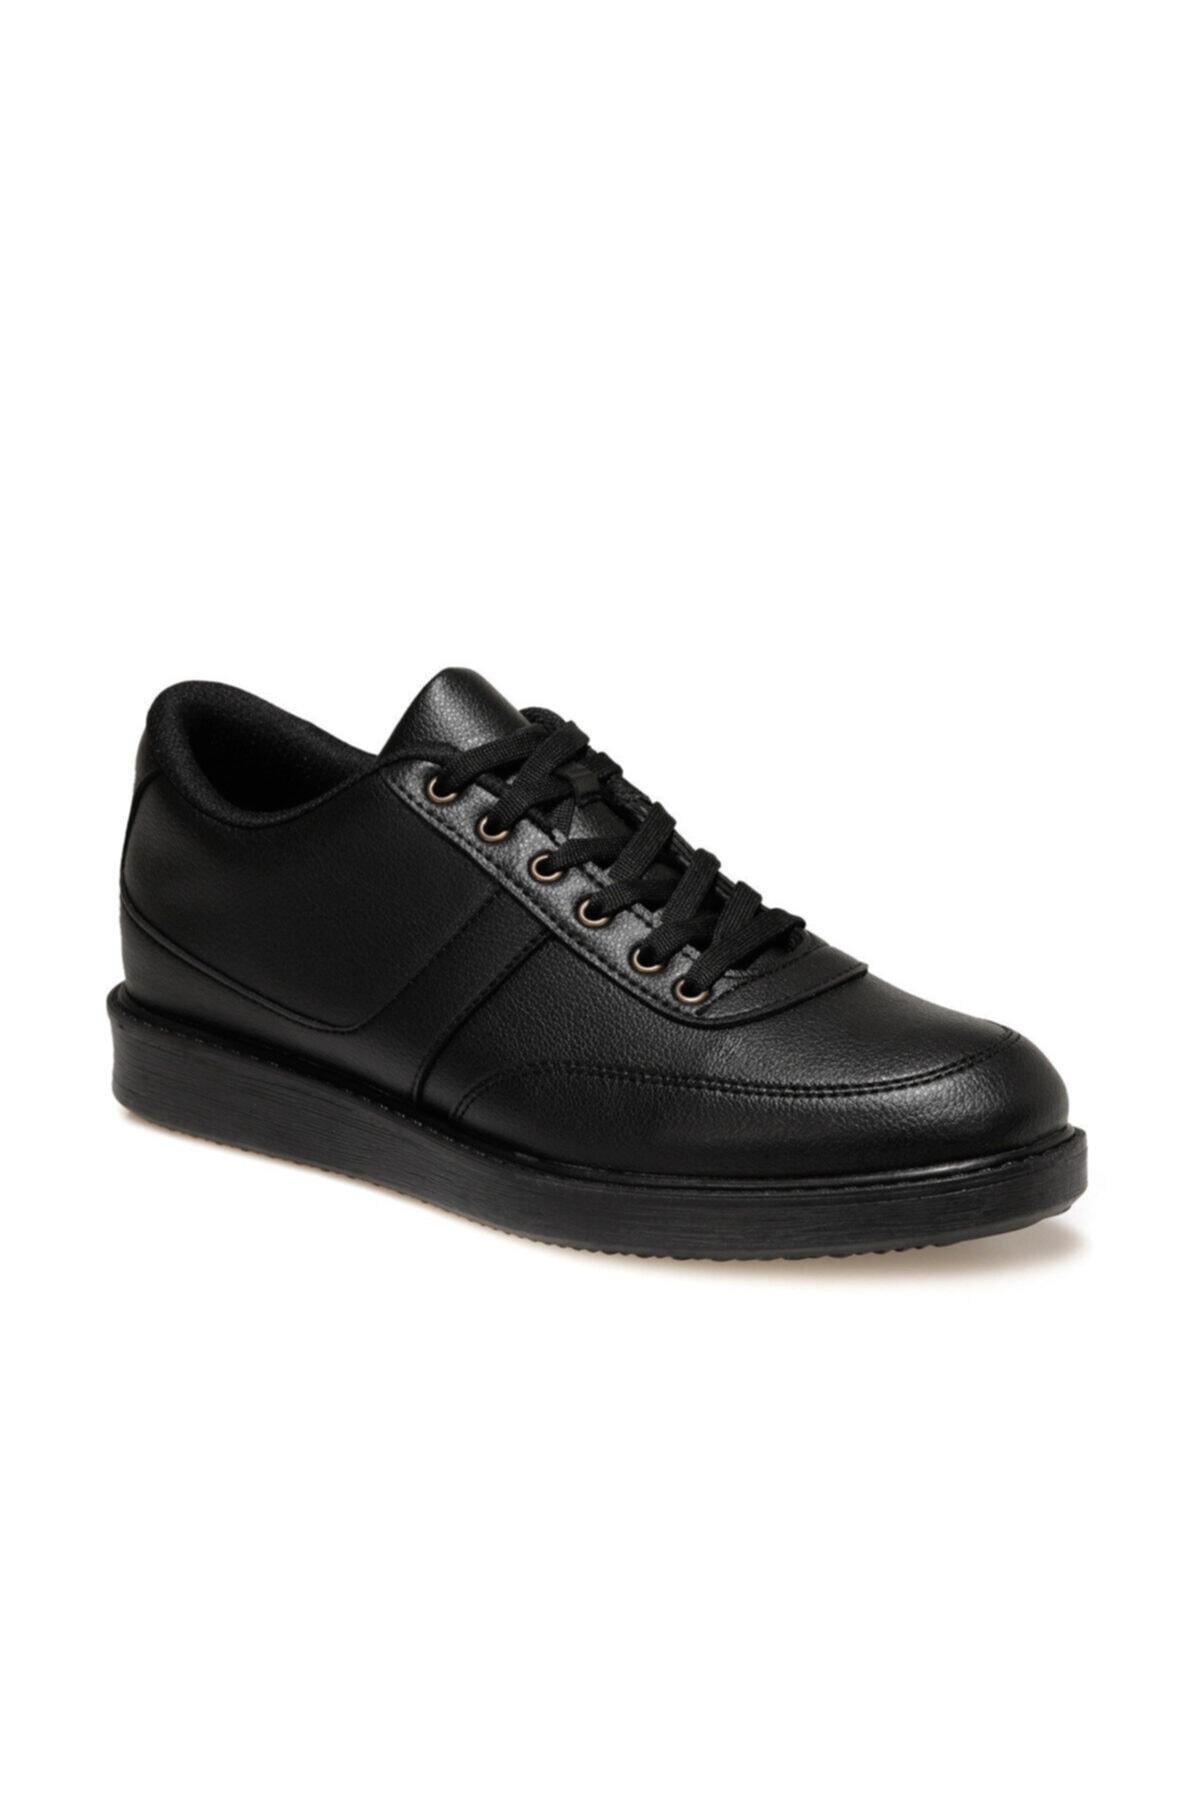 OXIDE 1453-X Siyah Erkek Günlük Ayakkabı 100573406 1